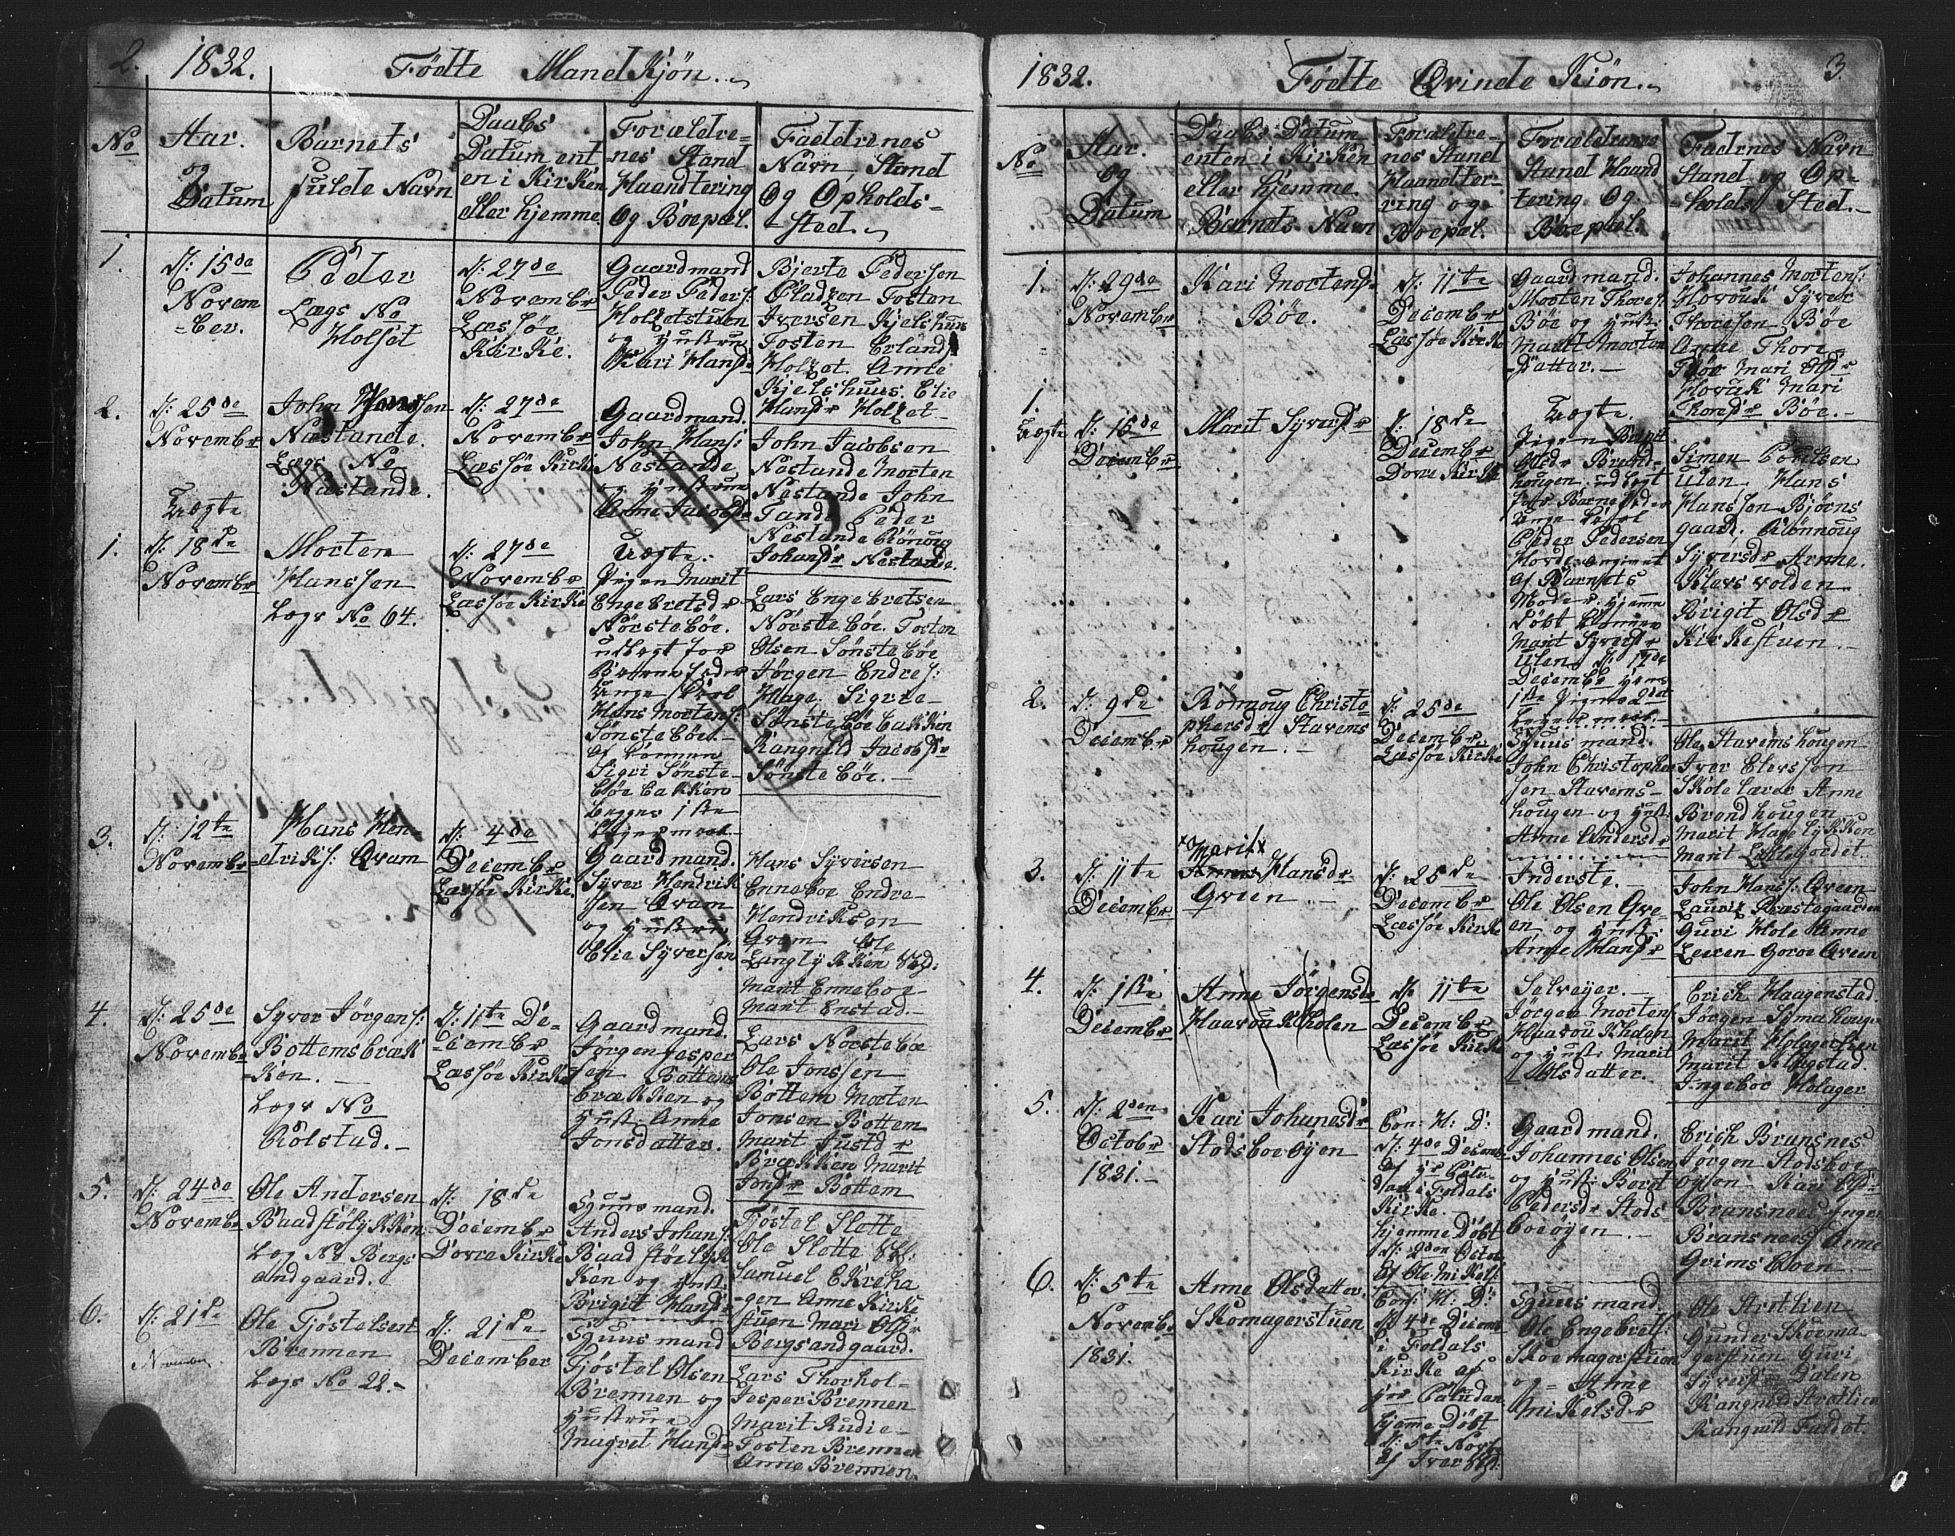 SAH, Lesja prestekontor, Parish register (copy) no. 2, 1832-1850, p. 2-3